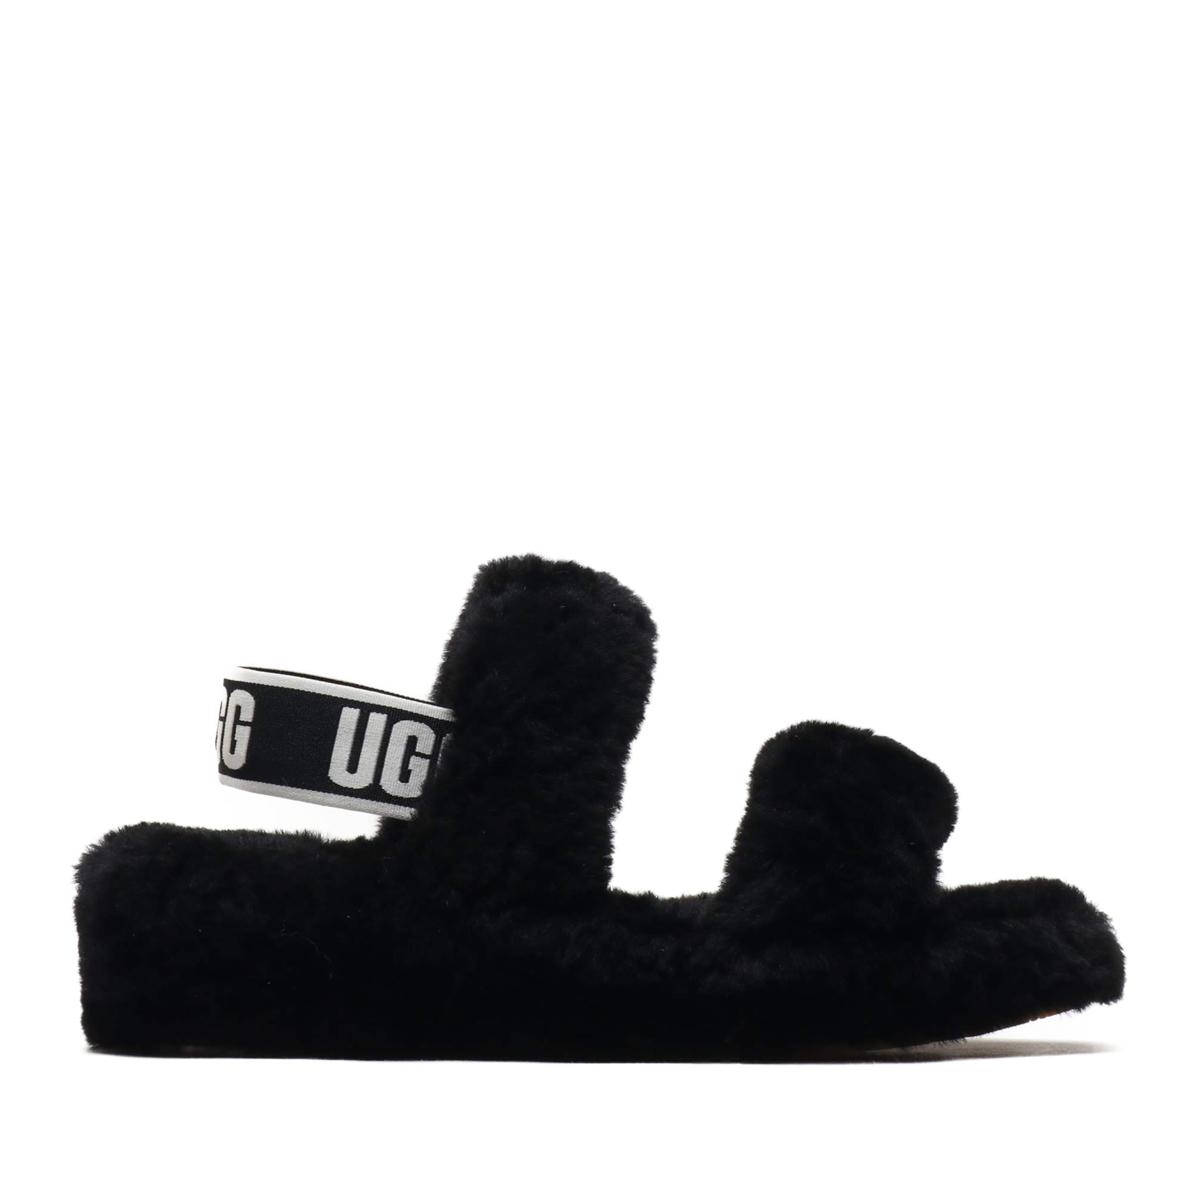 UGG Oh Yeah(BLACK)(アグ オーヤー)【レディース】【サンダル】【20SS-I】